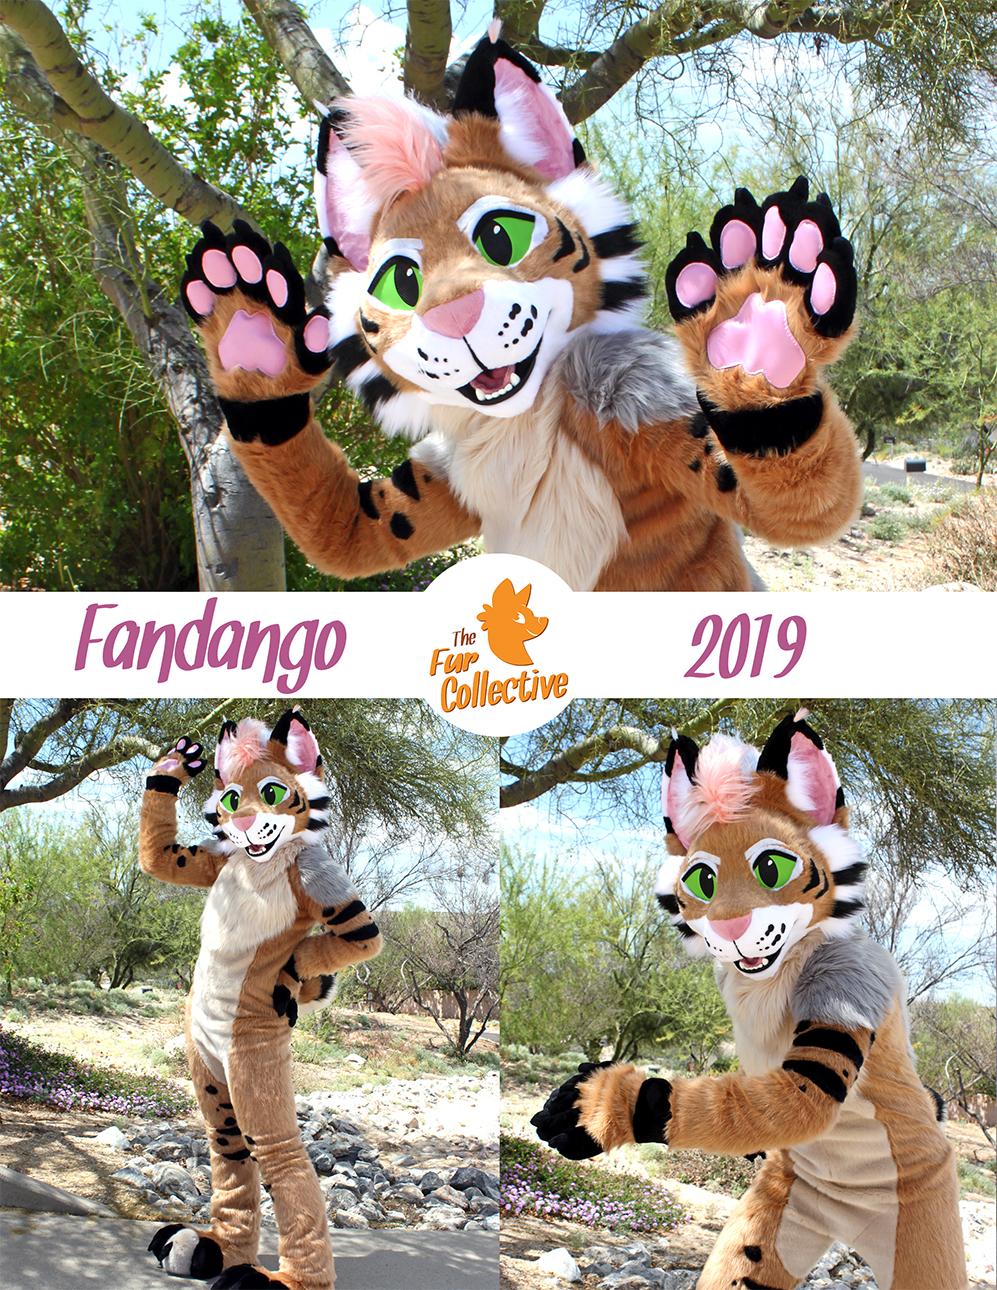 fandango the Bobcat!